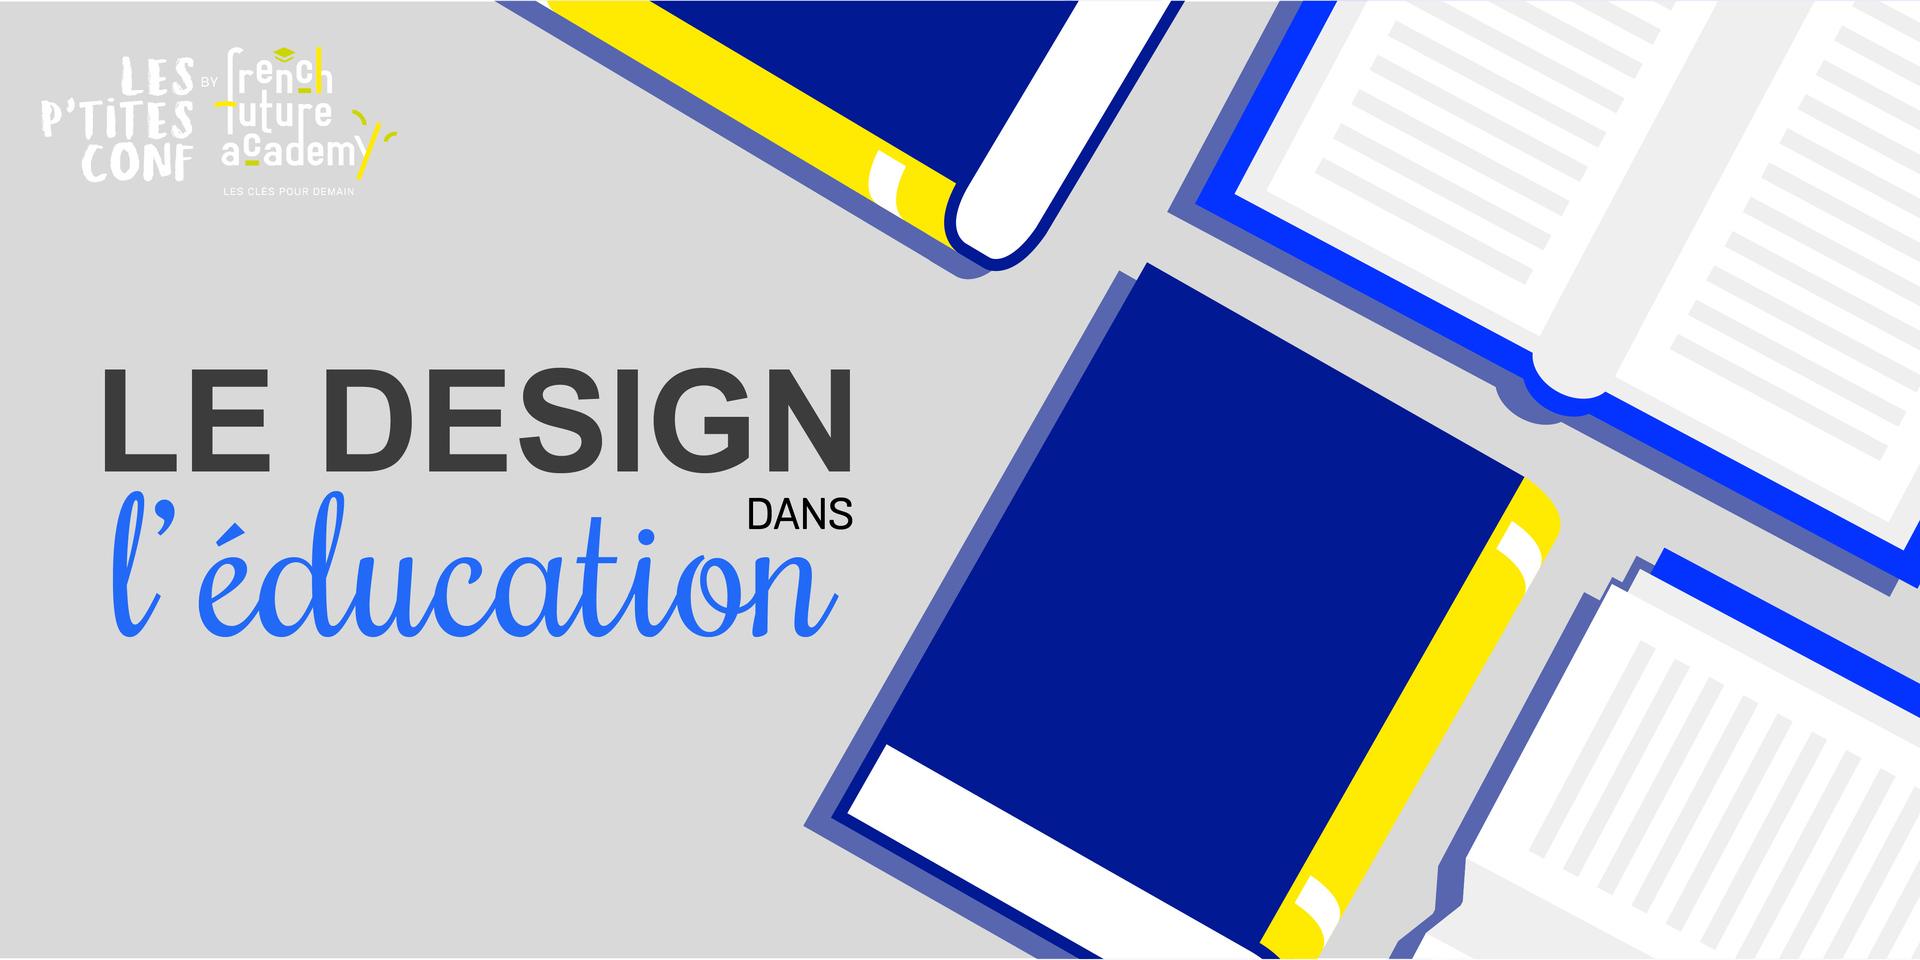 evenement design thinking design education